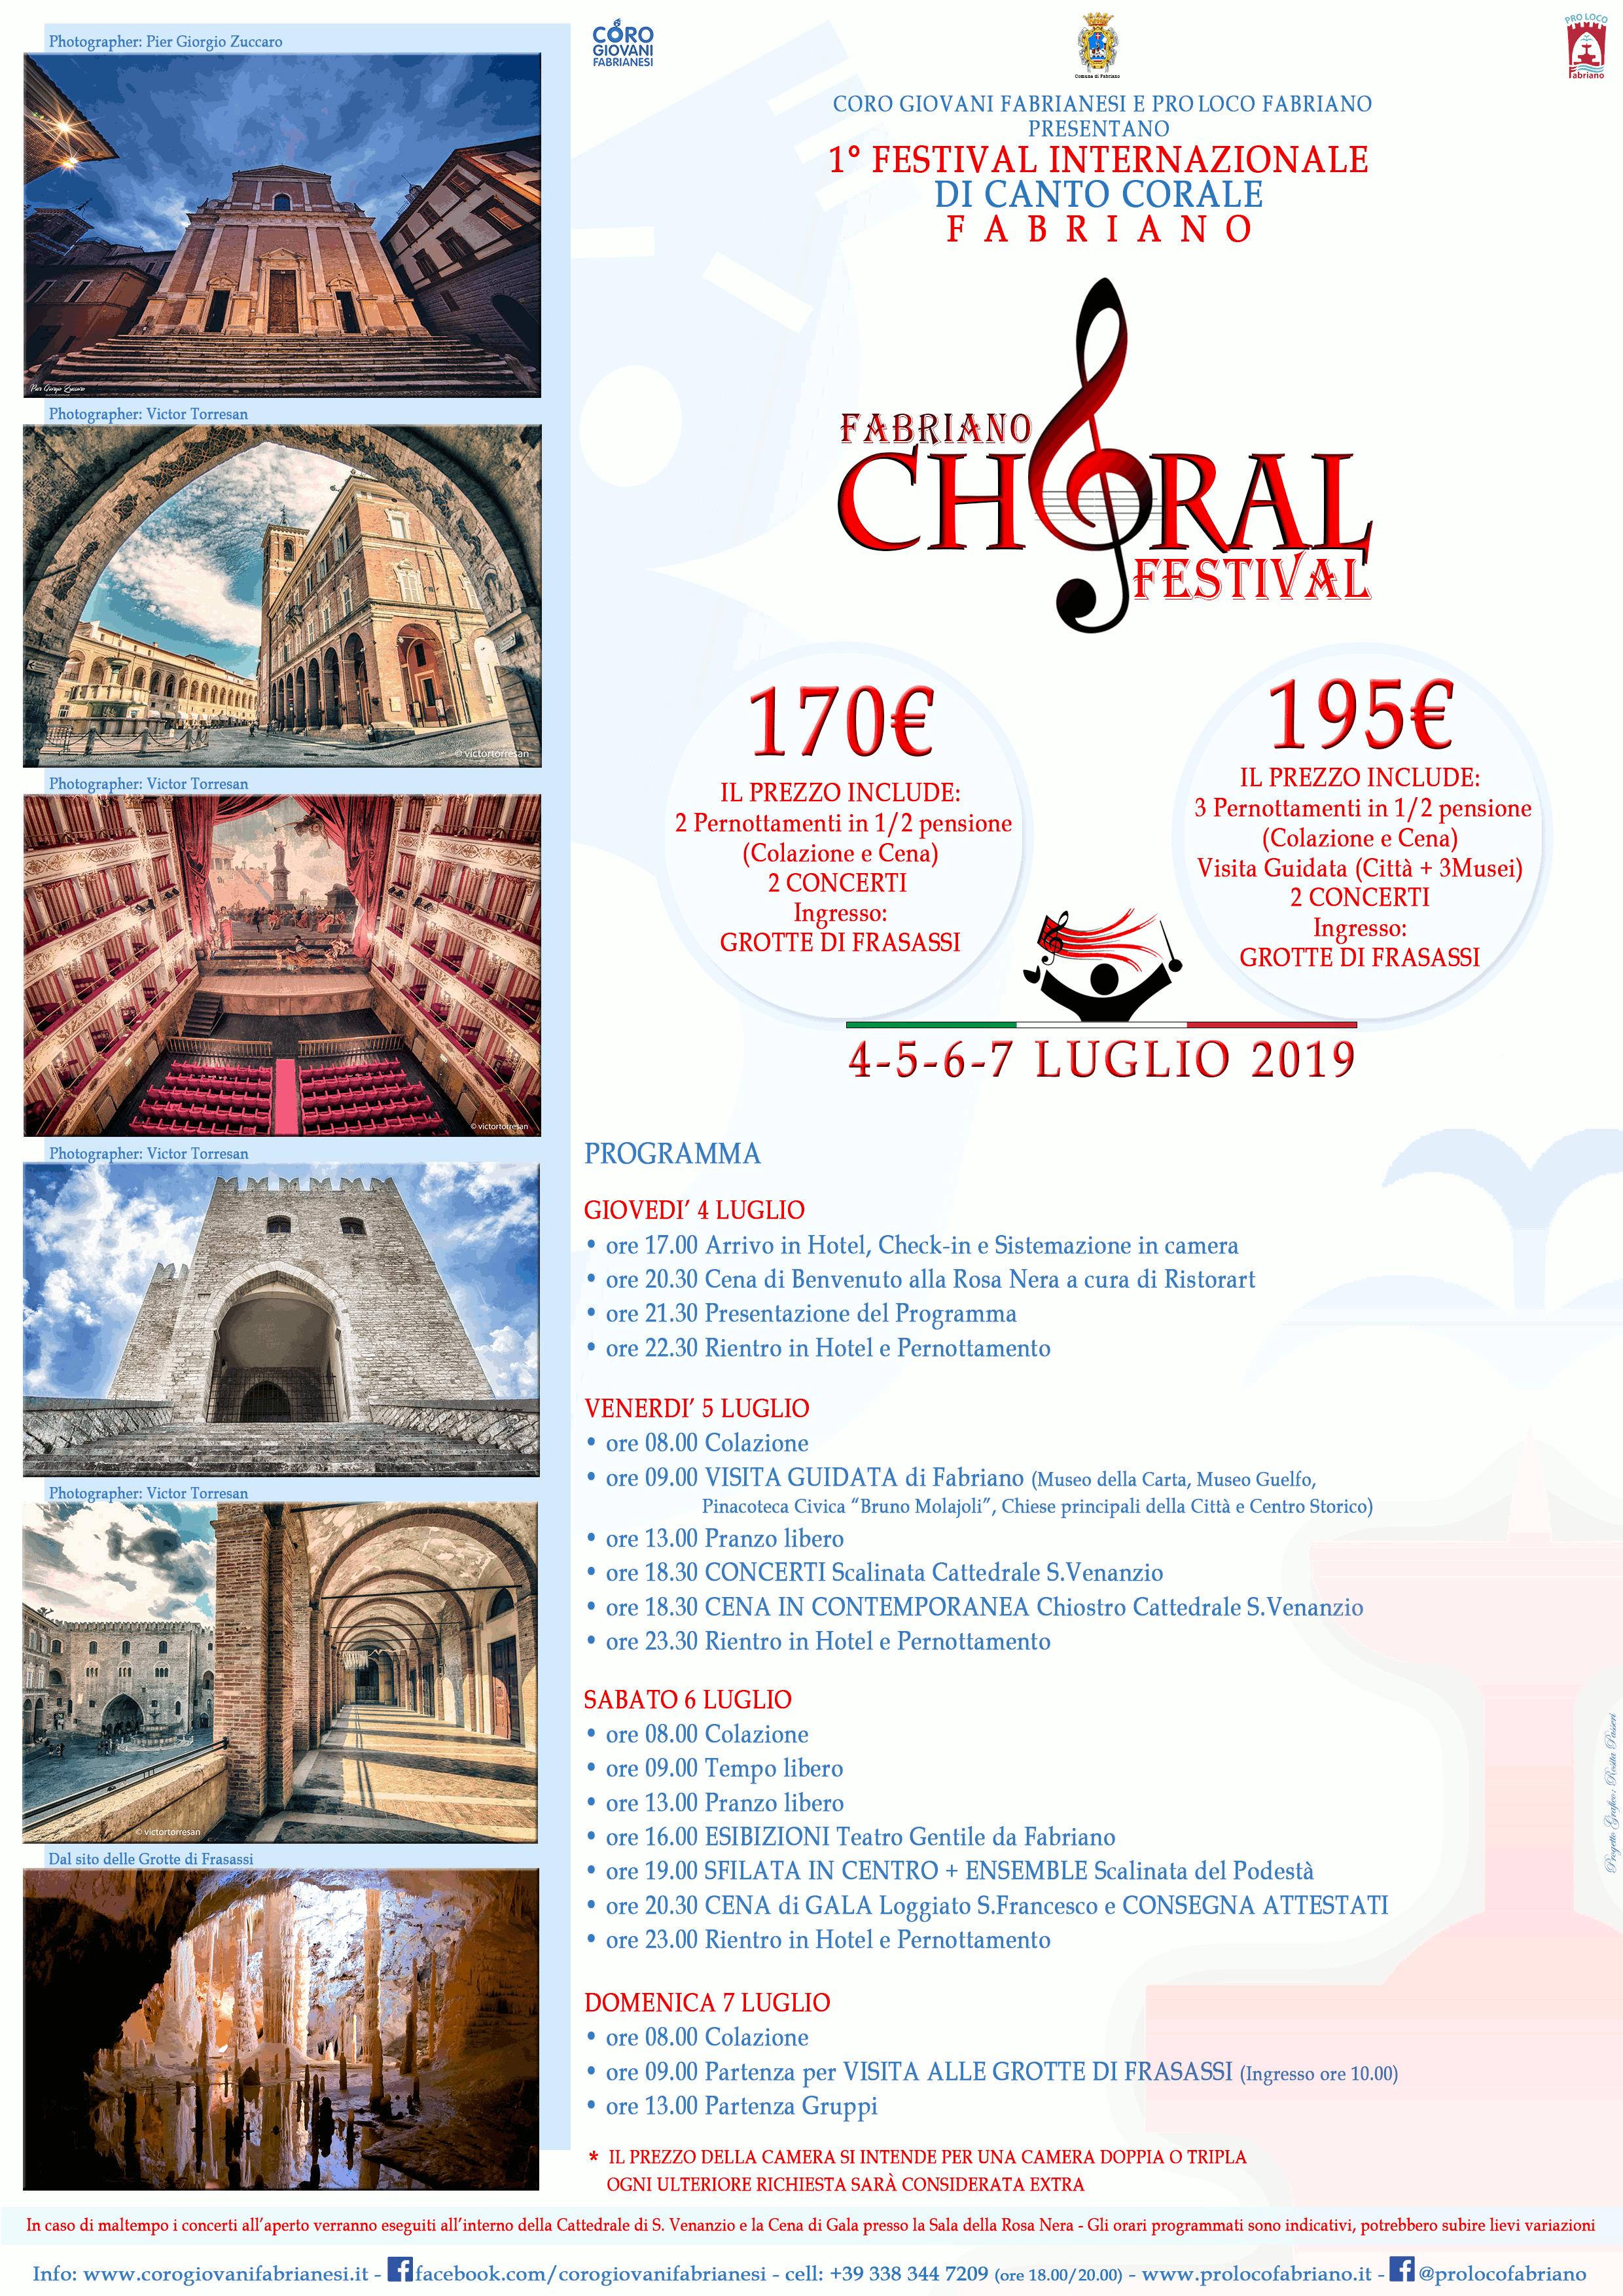 Fabriano Choral Festival - programma